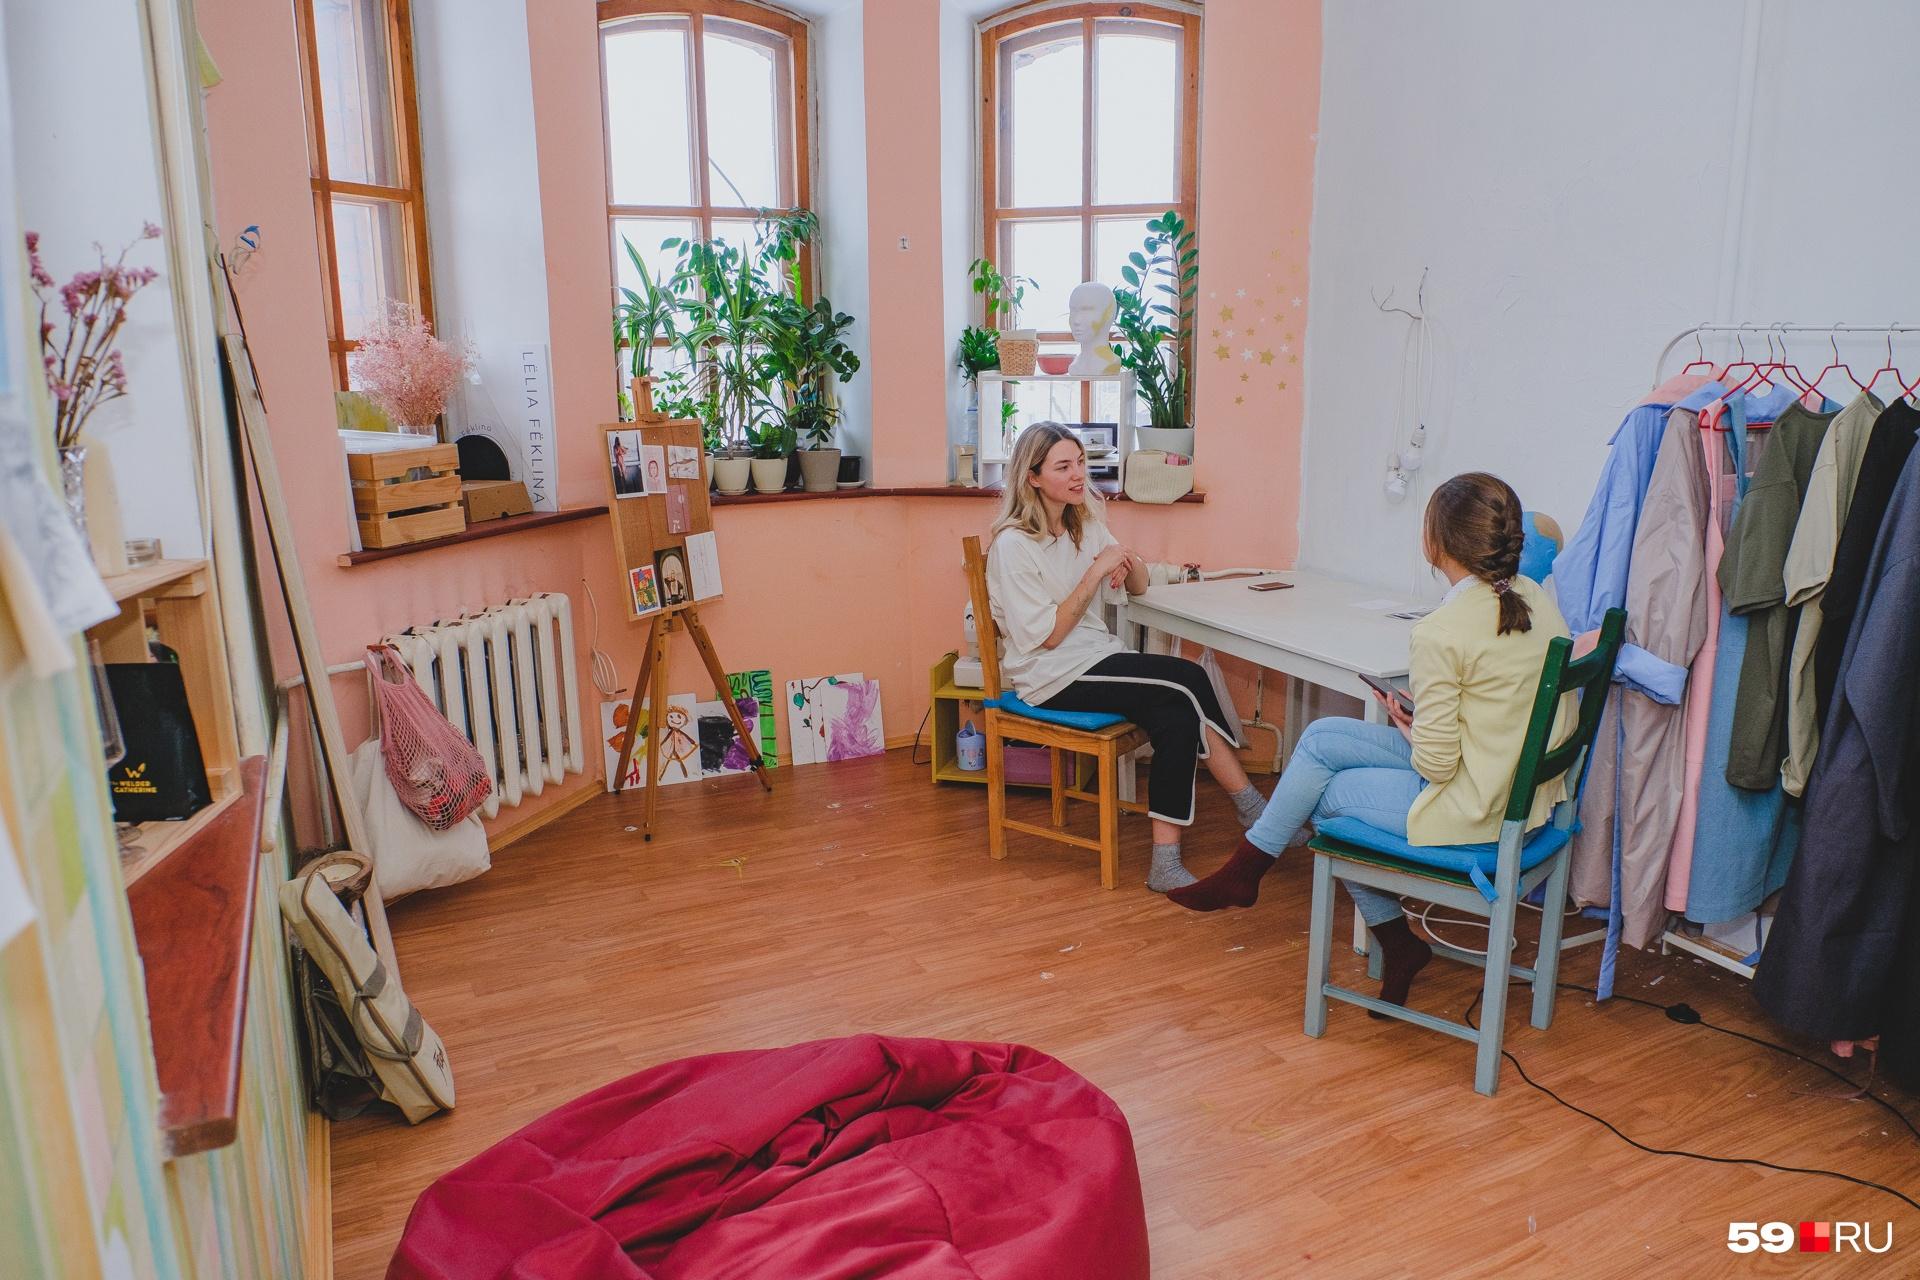 Работает Ольга дома, там же и хранит последнюю отшитую коллекцию плащей